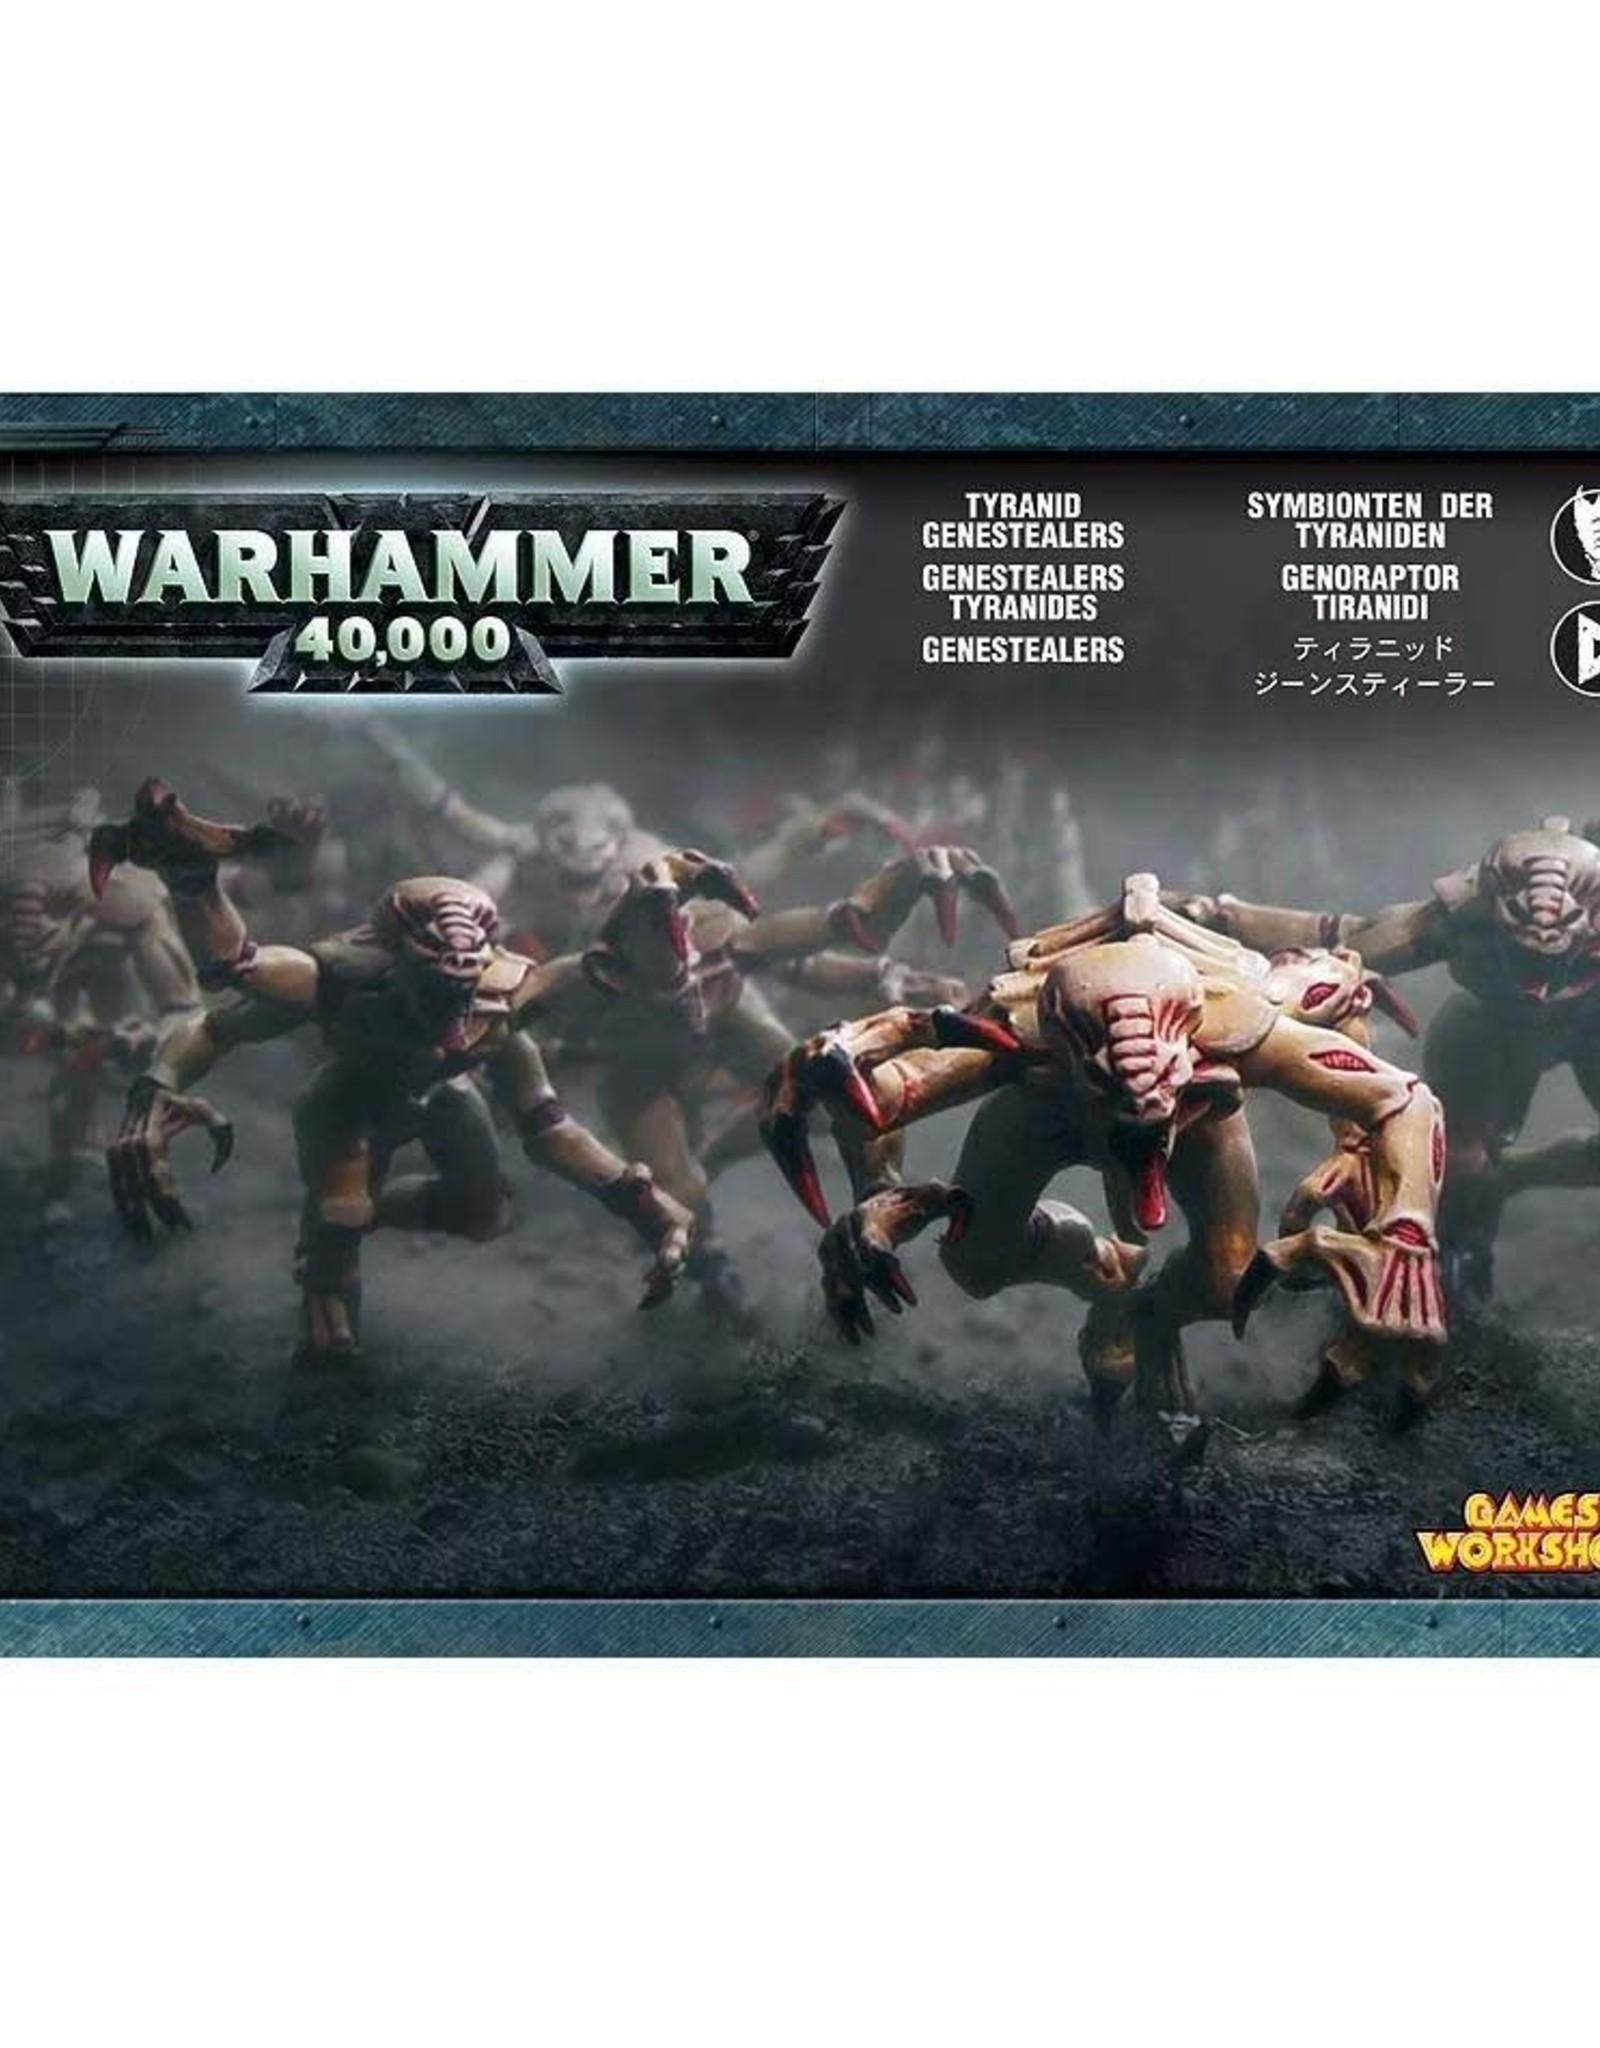 Warhammer 40K Tyranid Genestealers